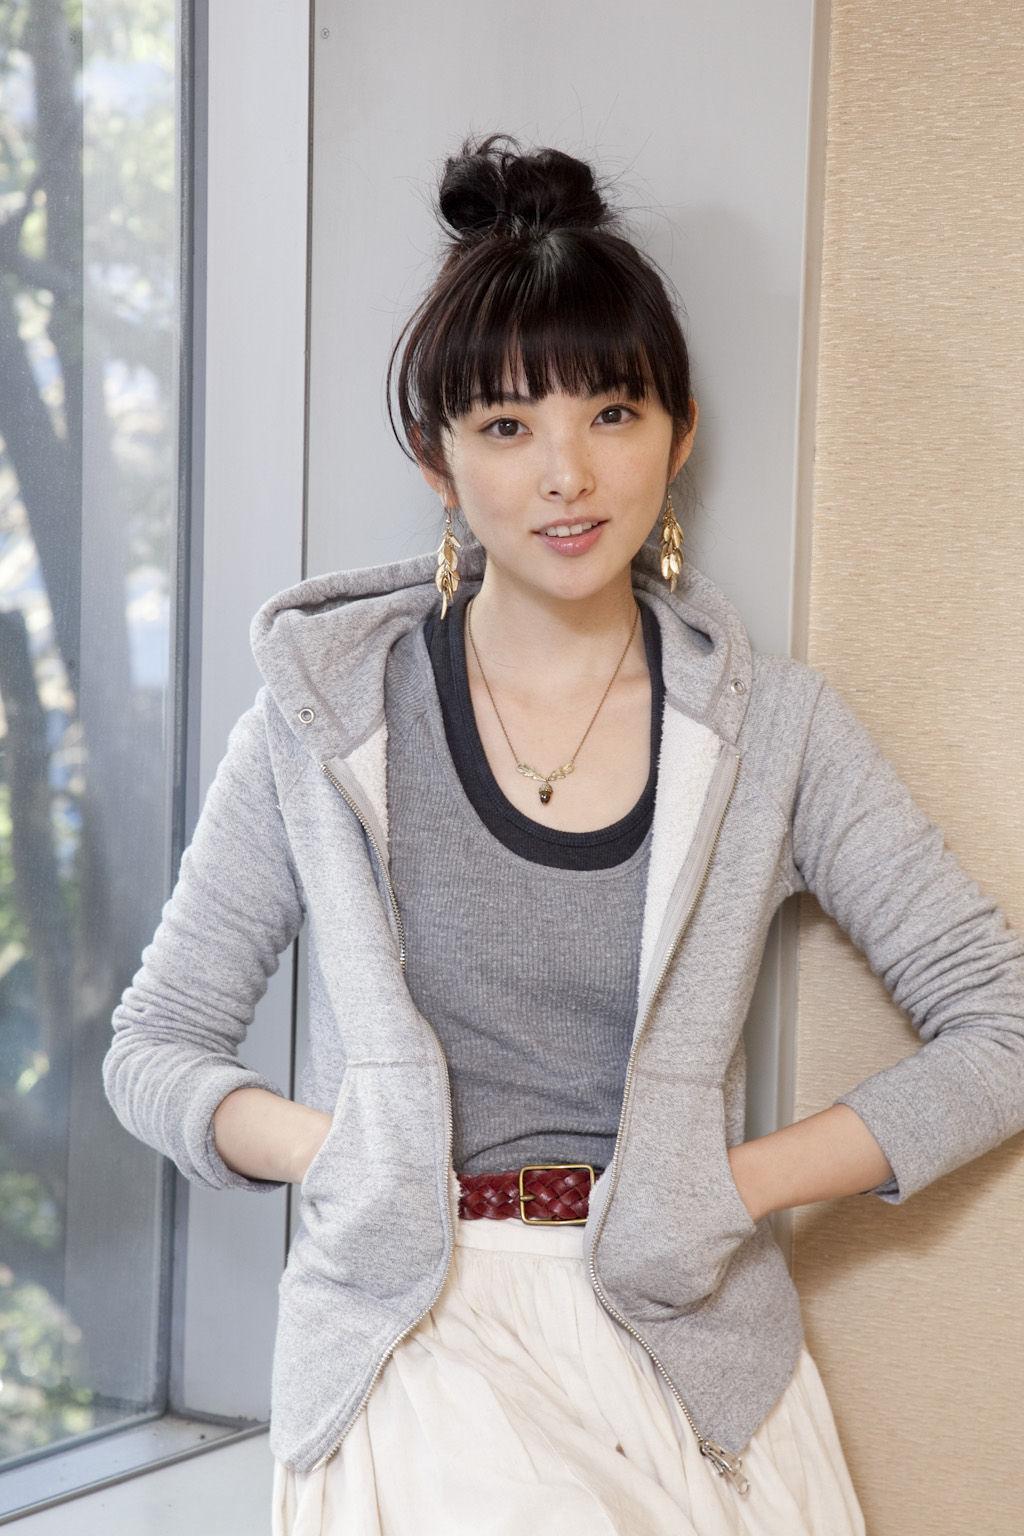 パーカーのポケットに手を入れてお団子頭の可愛い田中麗奈